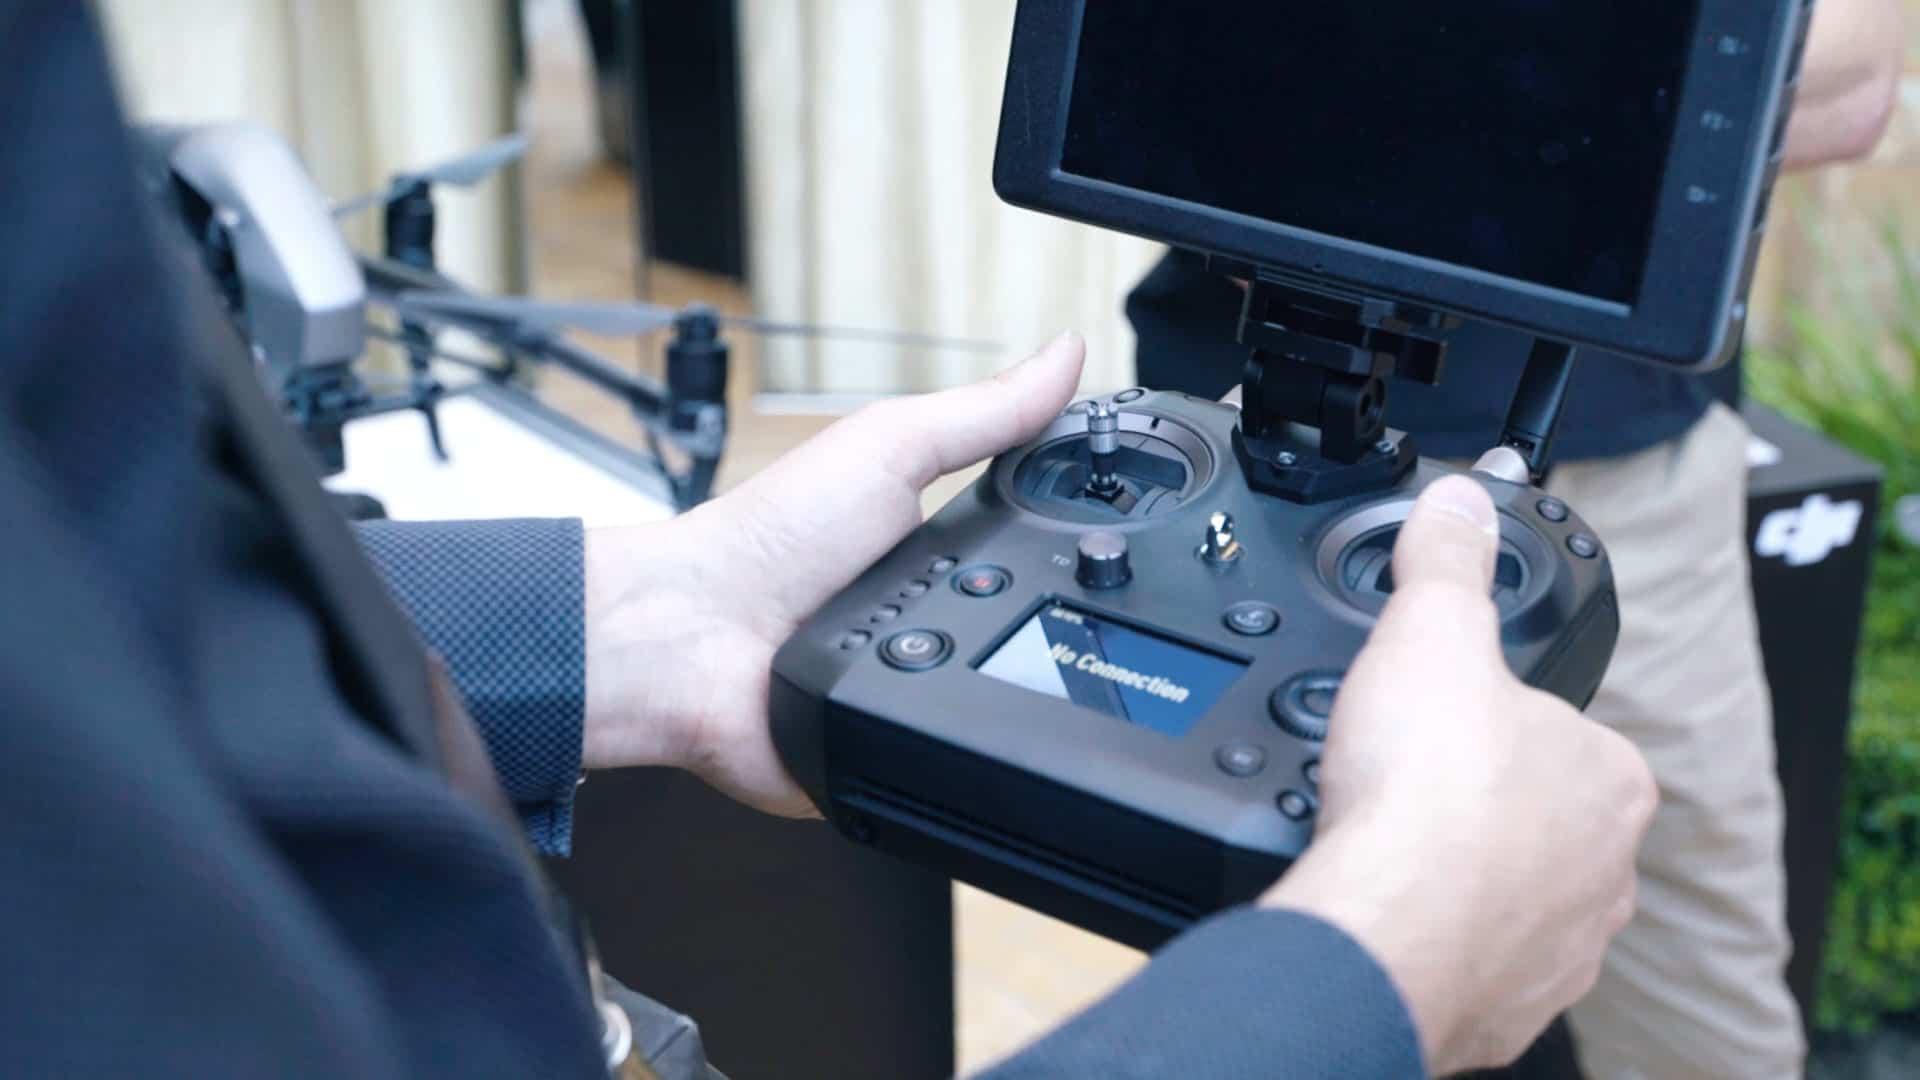 Dji Cendence, Radiocomando per droni Dji Cendence